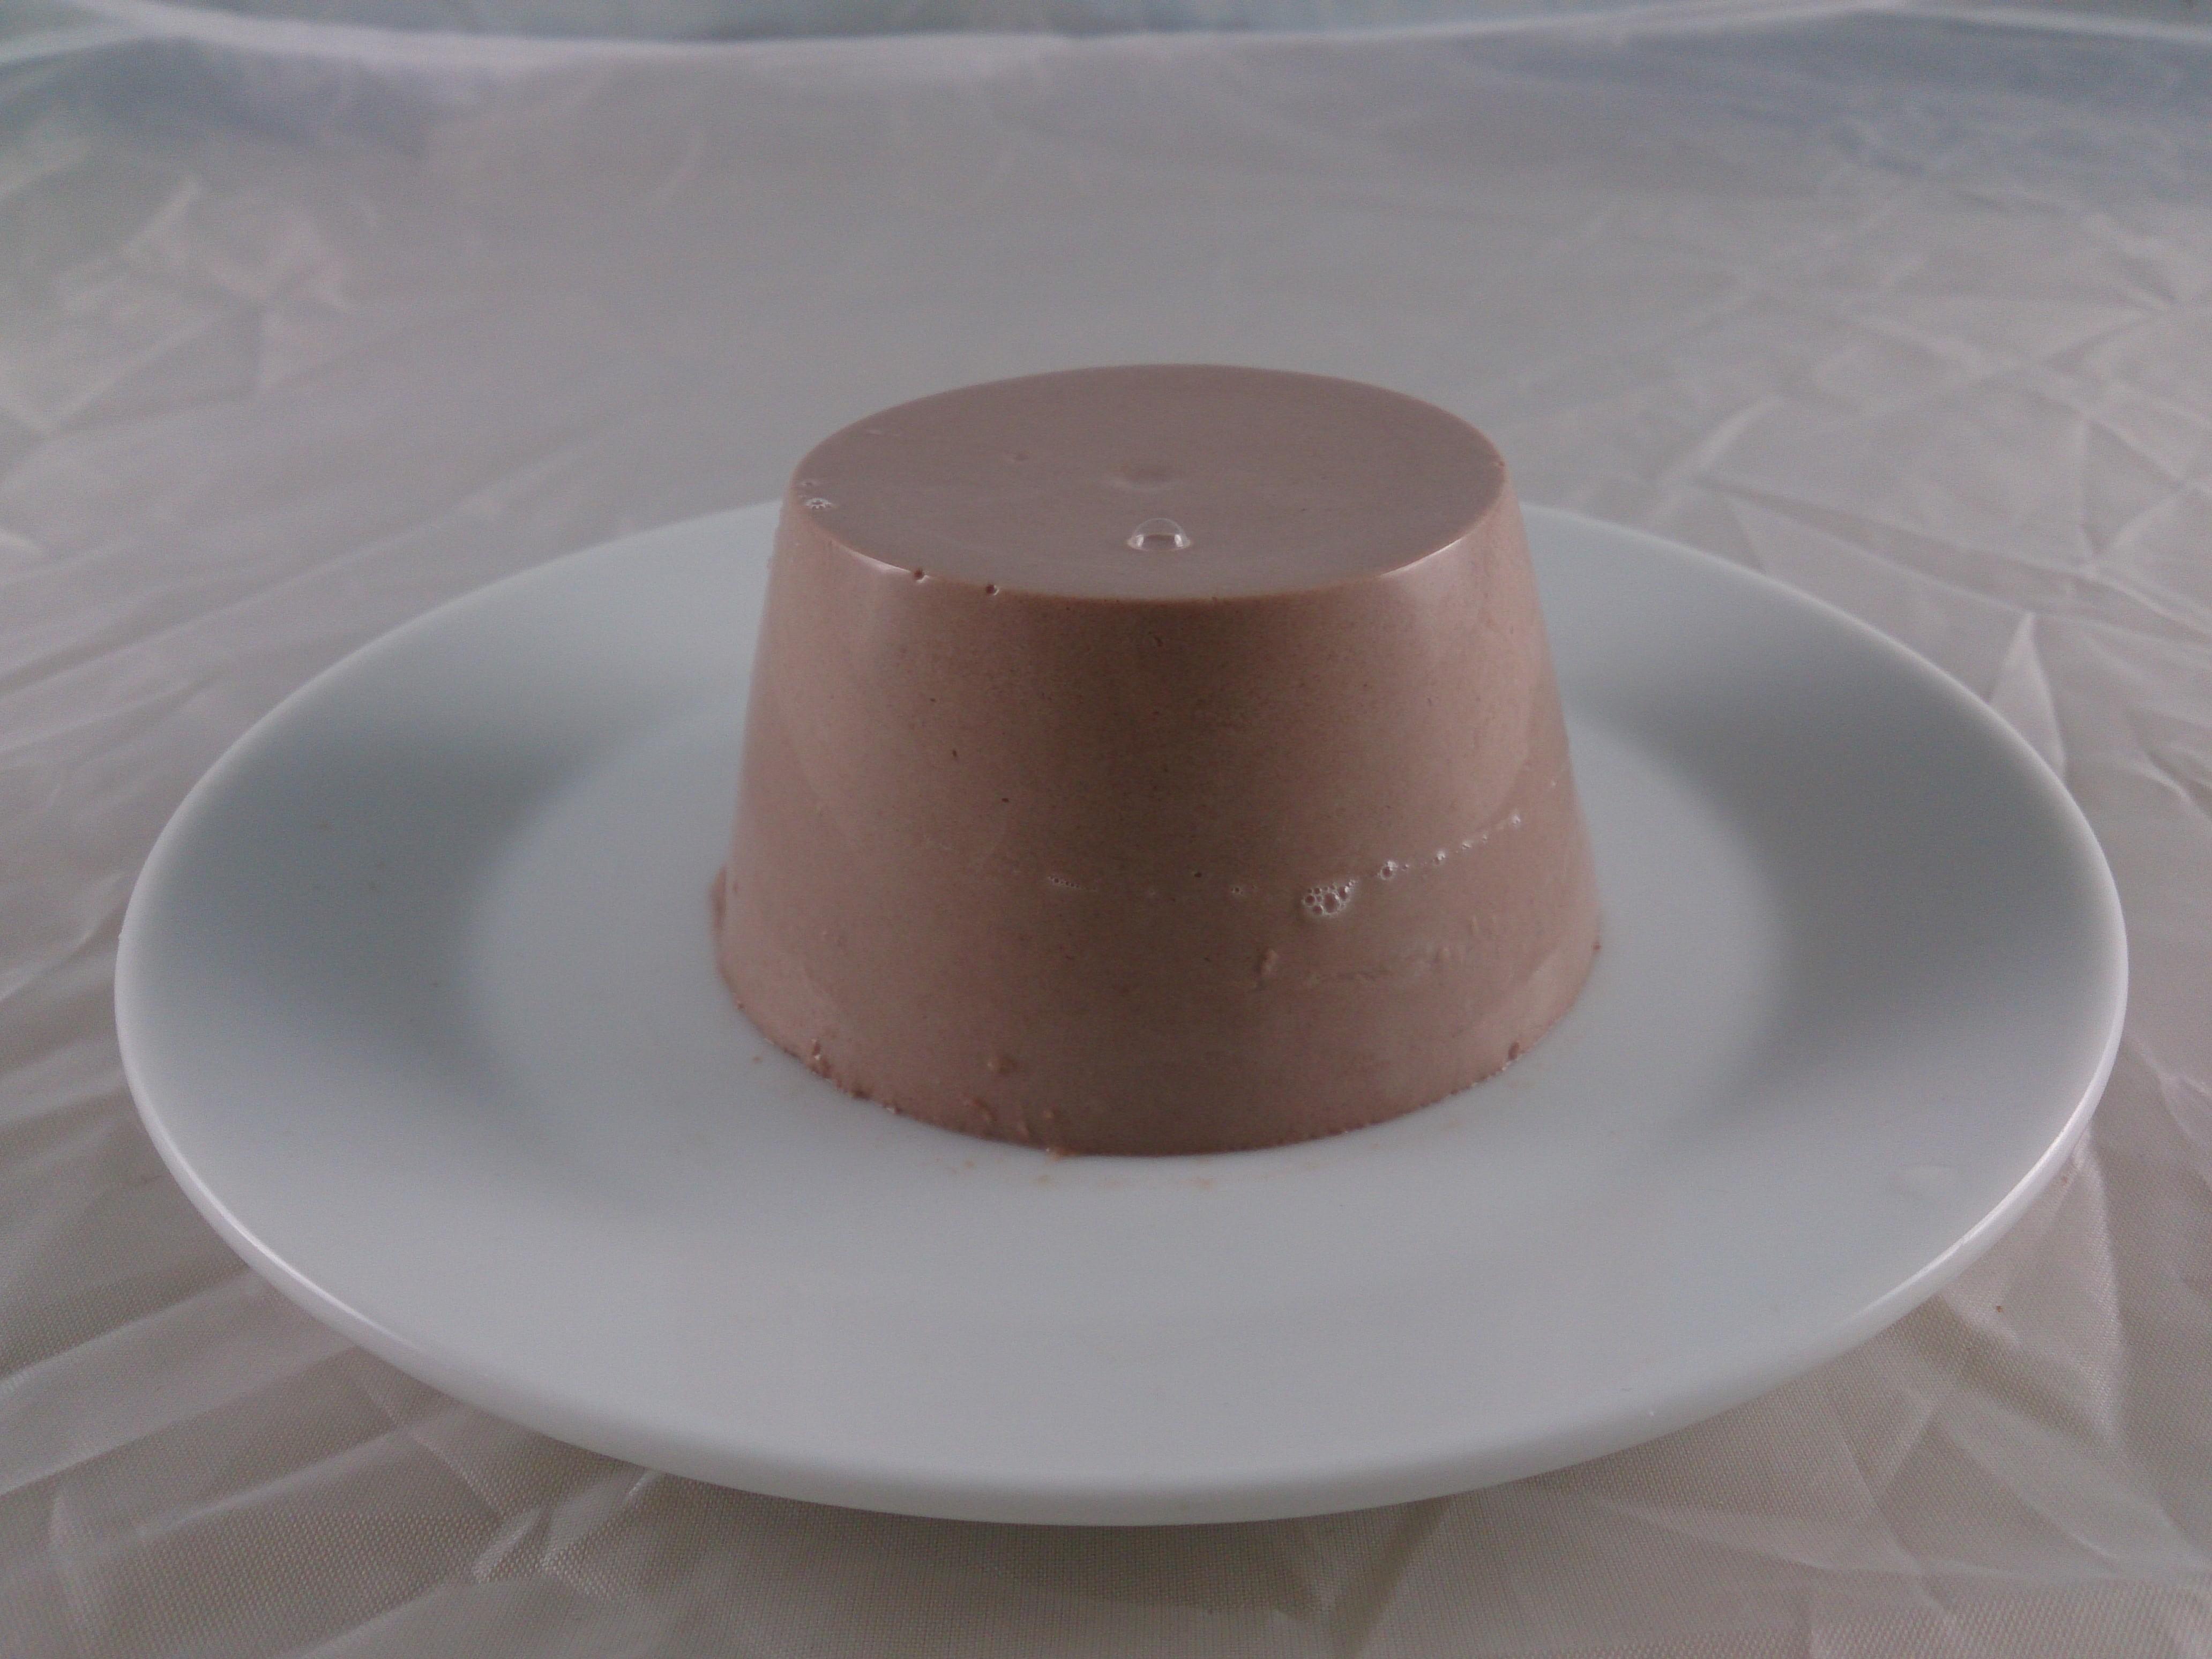 寒天巧克力鮮奶酪(冷藏)杯裝六入禮盒